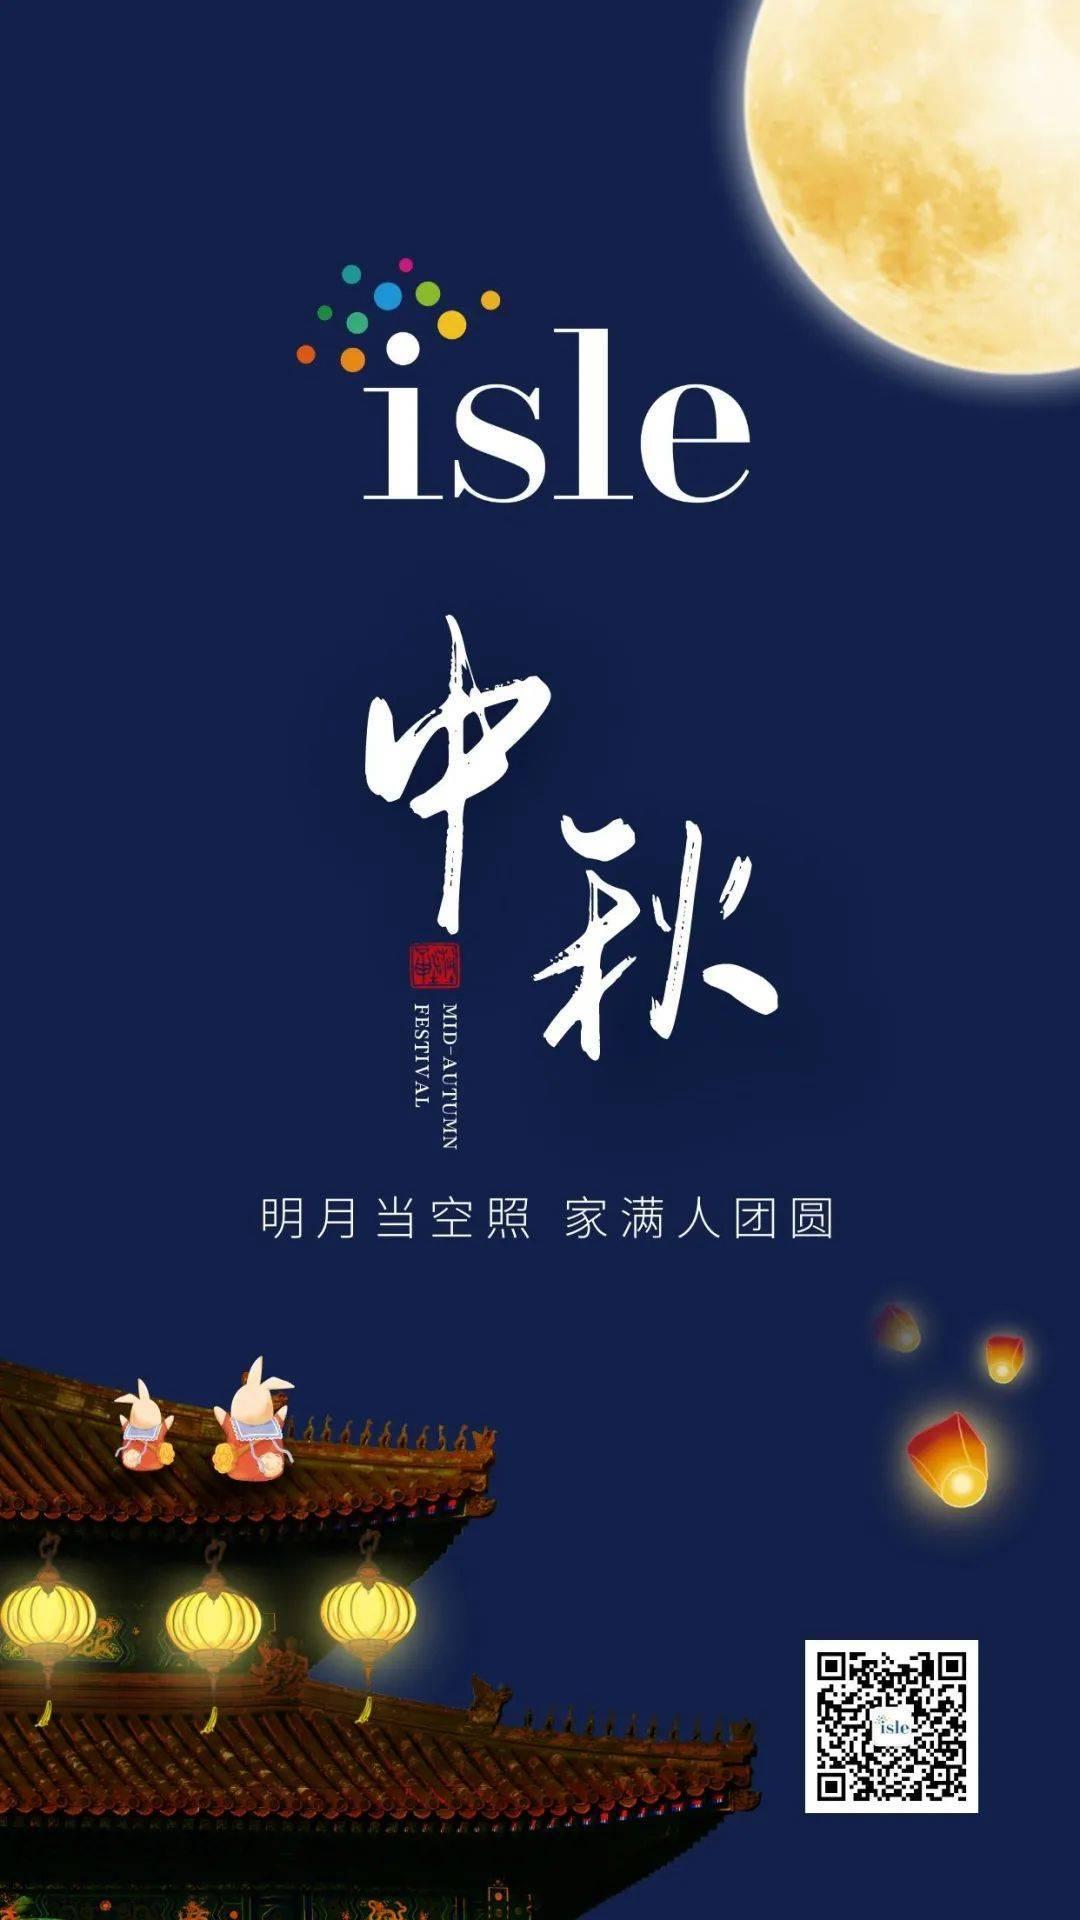 ISLE_中秋快乐